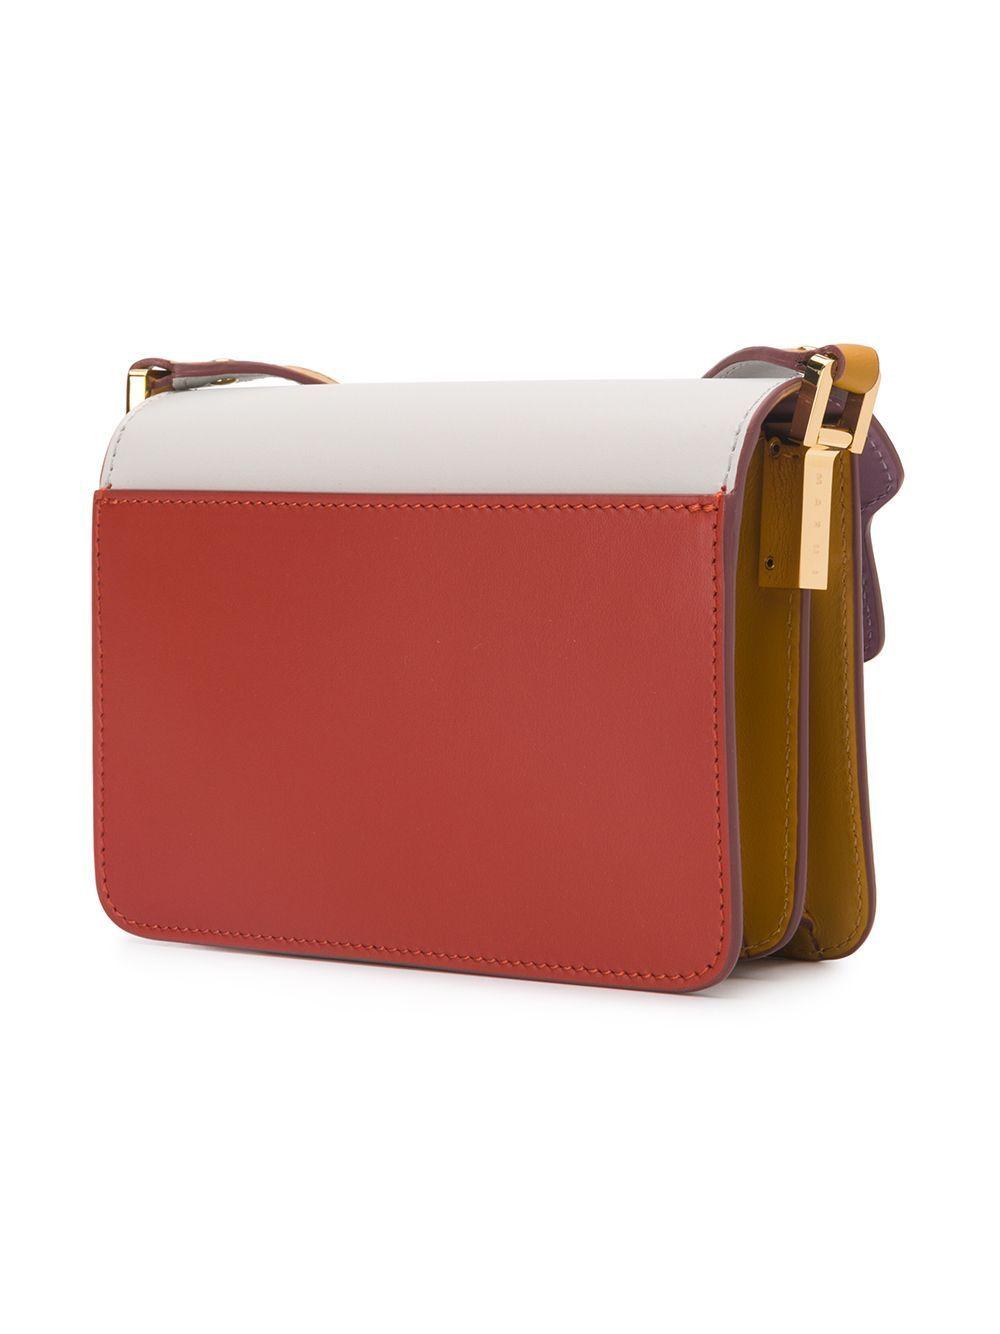 MARNI WOMEN'S SBMPS01U29LV589Z176O RED LEATHER SHOULDER BAG